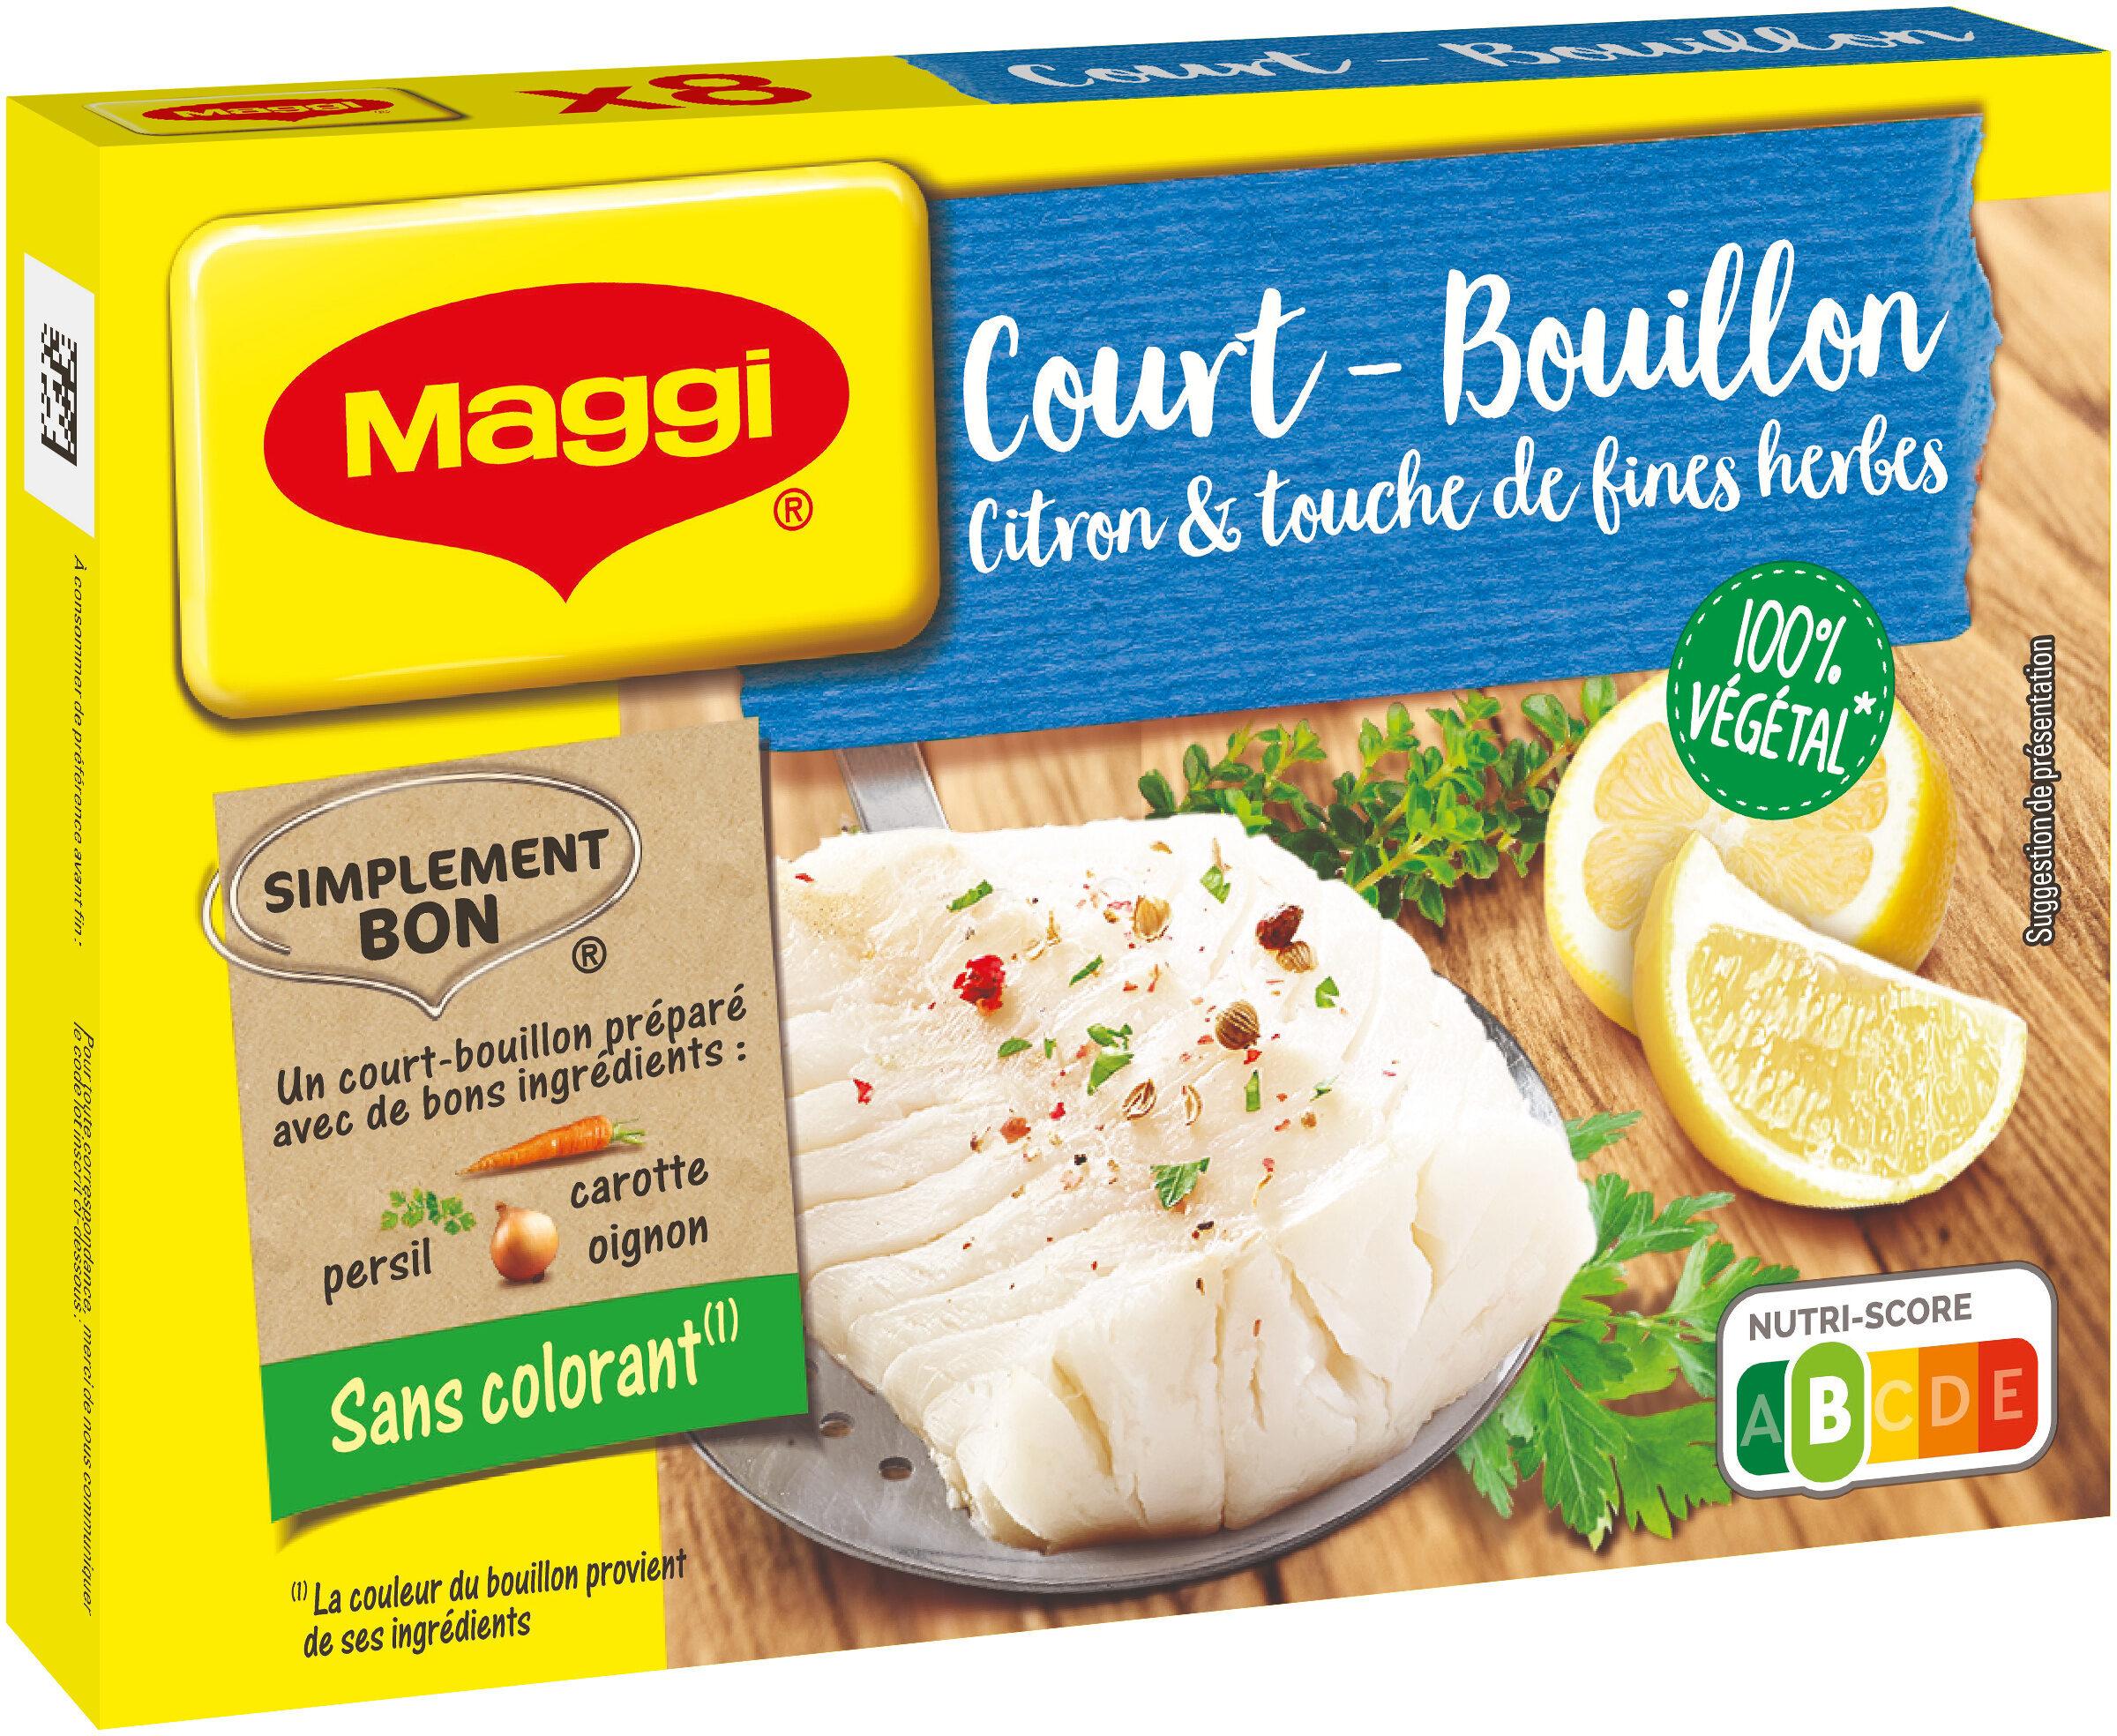 MAGGI Court Bouillon Citron et Fines Herbes 8 tablettes, 90g - Produit - fr